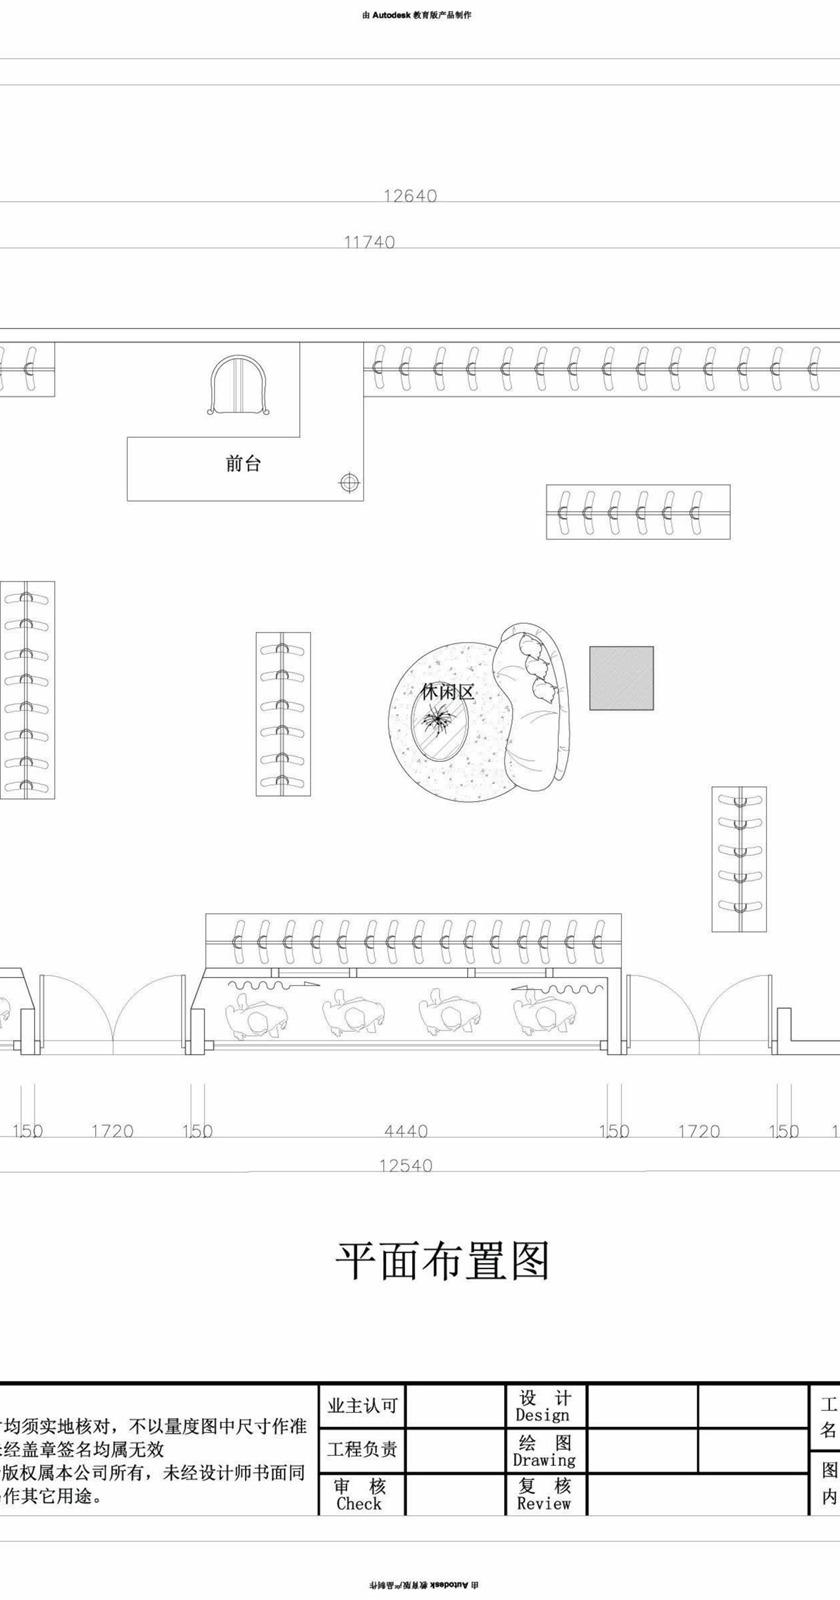 海宁辛格维拉服装店平面图